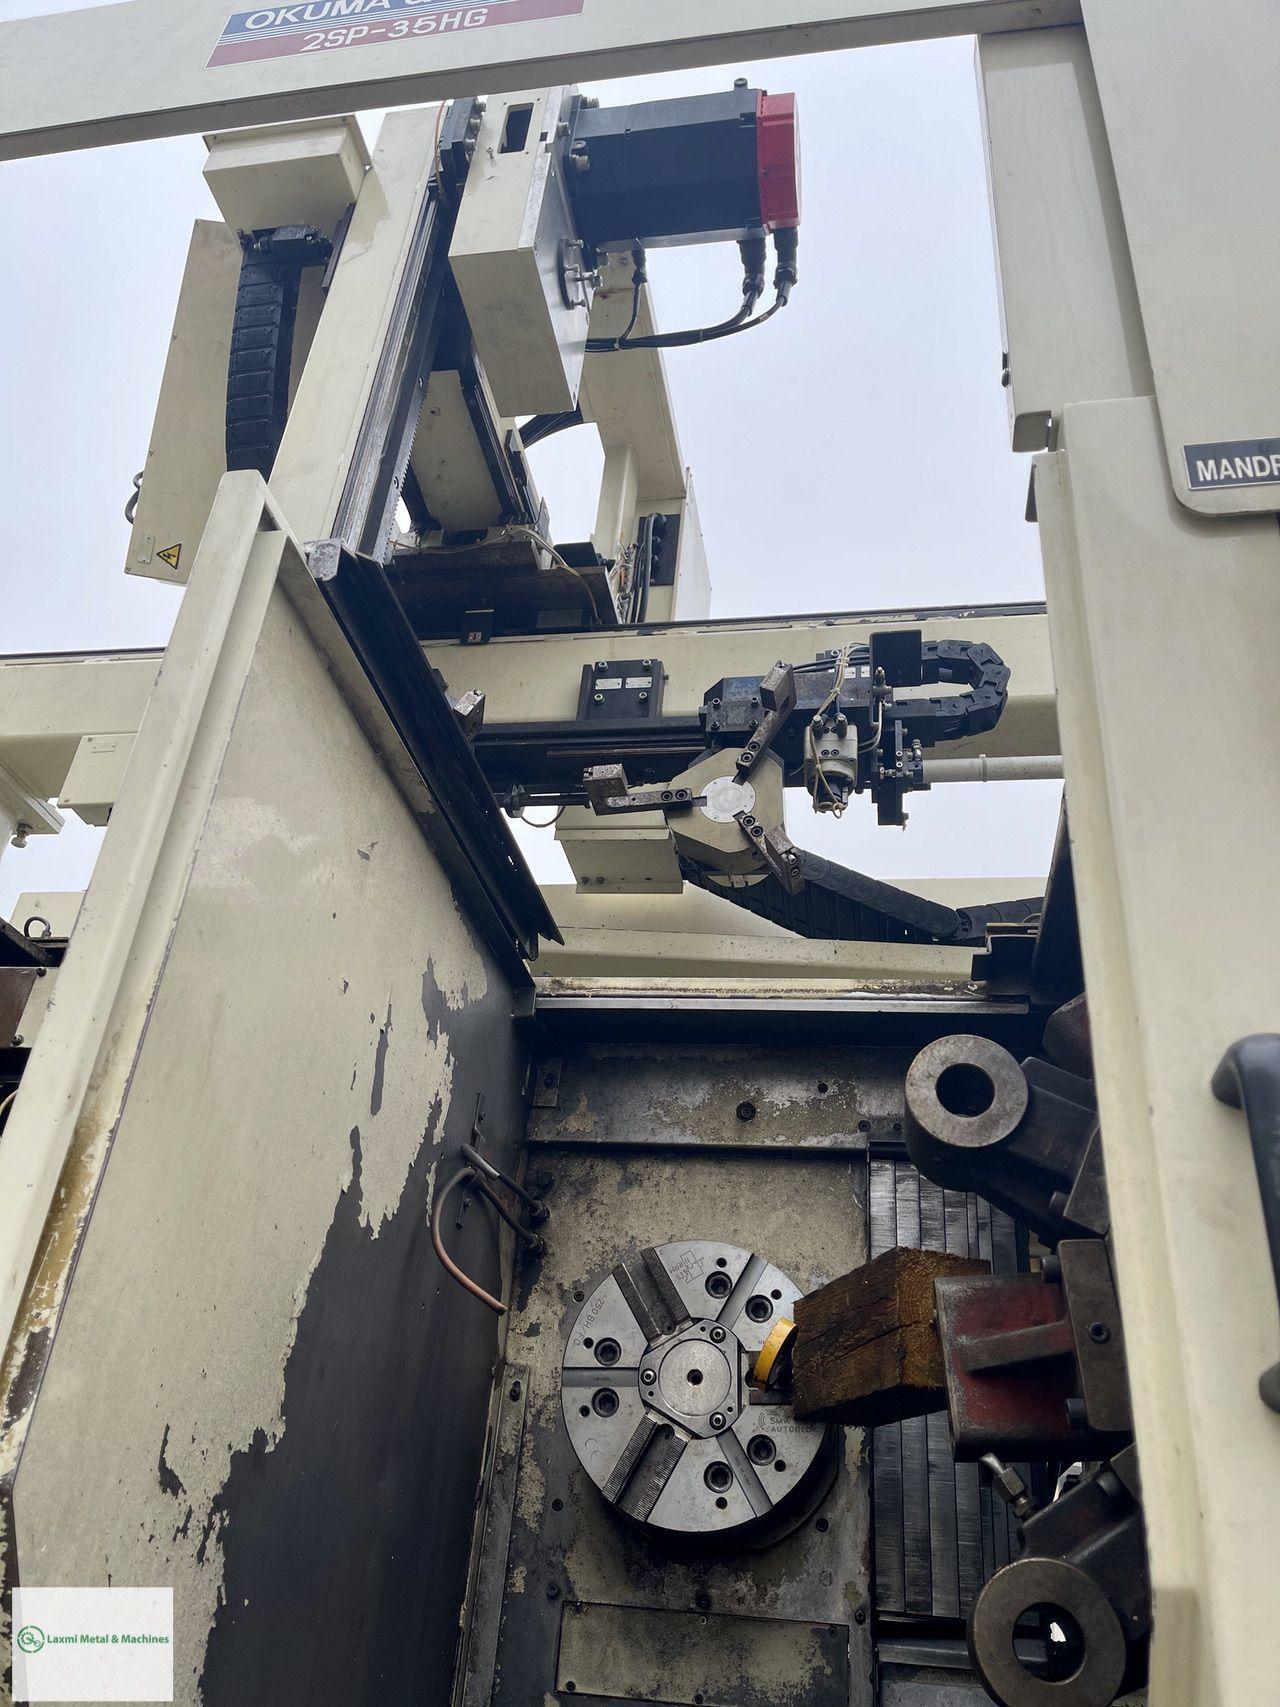 TWIN SPINDLE CNC LATHE, OKUMA & HOWA - 2SP 35HG